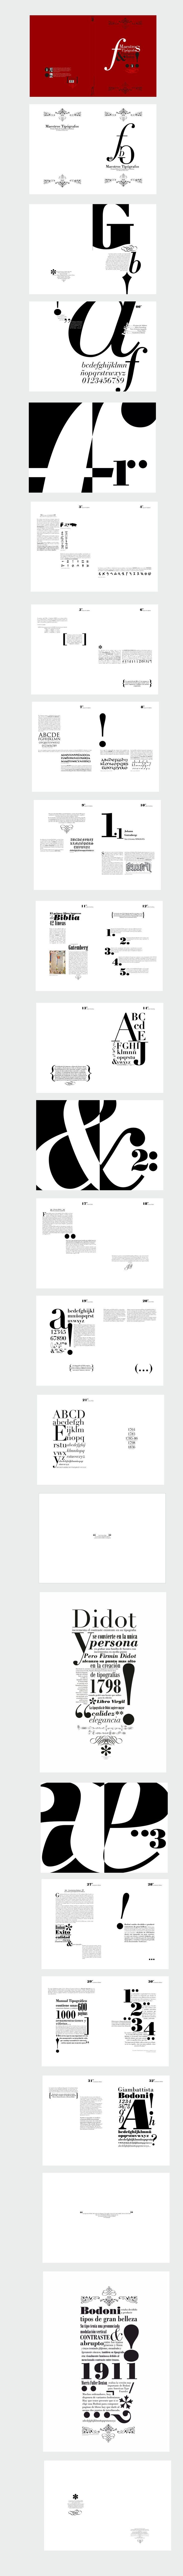 """Libro """"Maestros tipografos"""" - Didot & Bodoni / Tipografia II / Catedra Gaitto"""